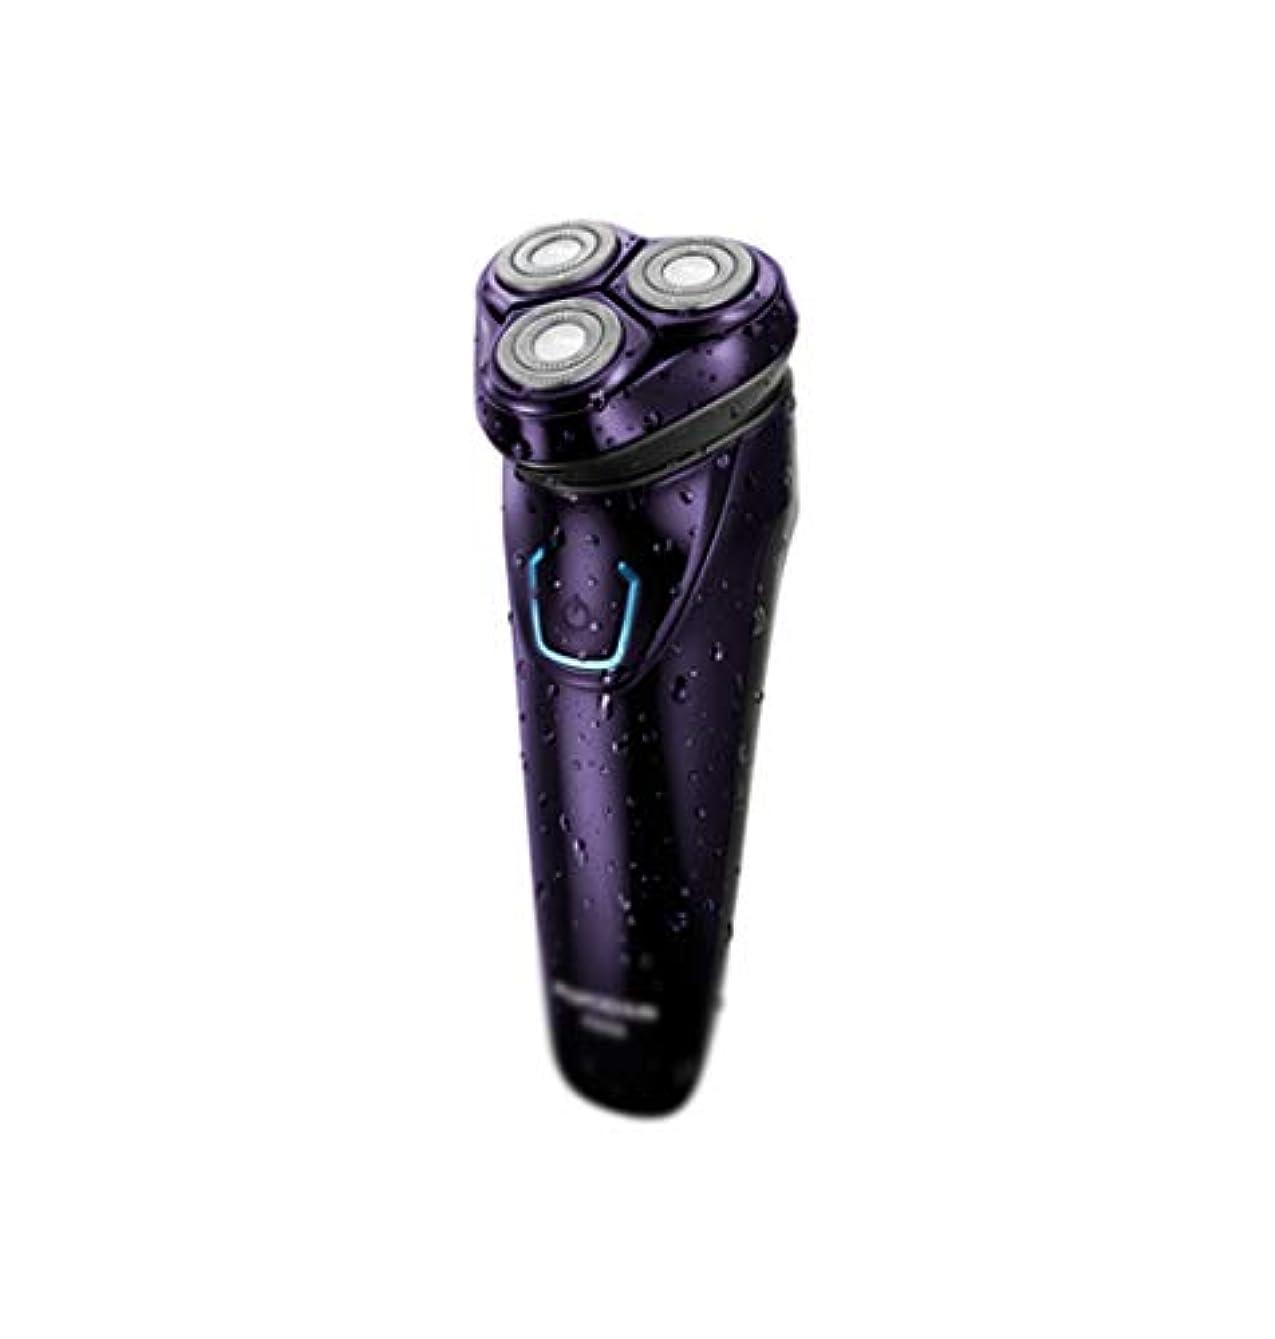 たぶん自発ラリーNKDK - シェーバー シェーバー - 家庭用かみそりボディウォッシュ電気シェーバー人格かみそり充電式ひげナイフ絶妙と耐久性 - シェーバー